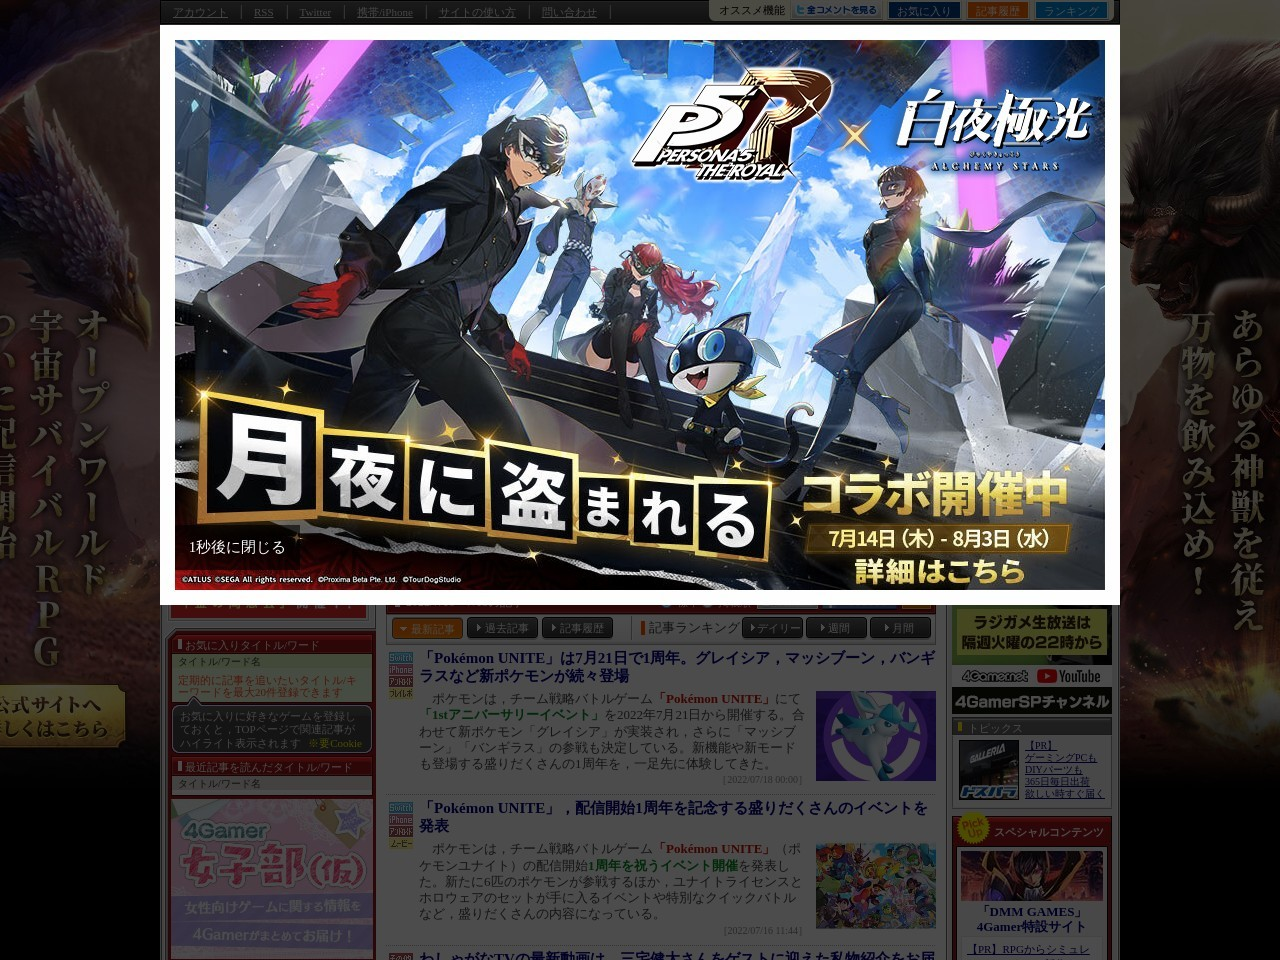 「ロックマンX アニバーサリー コレクション 1+2」が合計4万5000本の「ゲームソフト週間販売ランキング+」